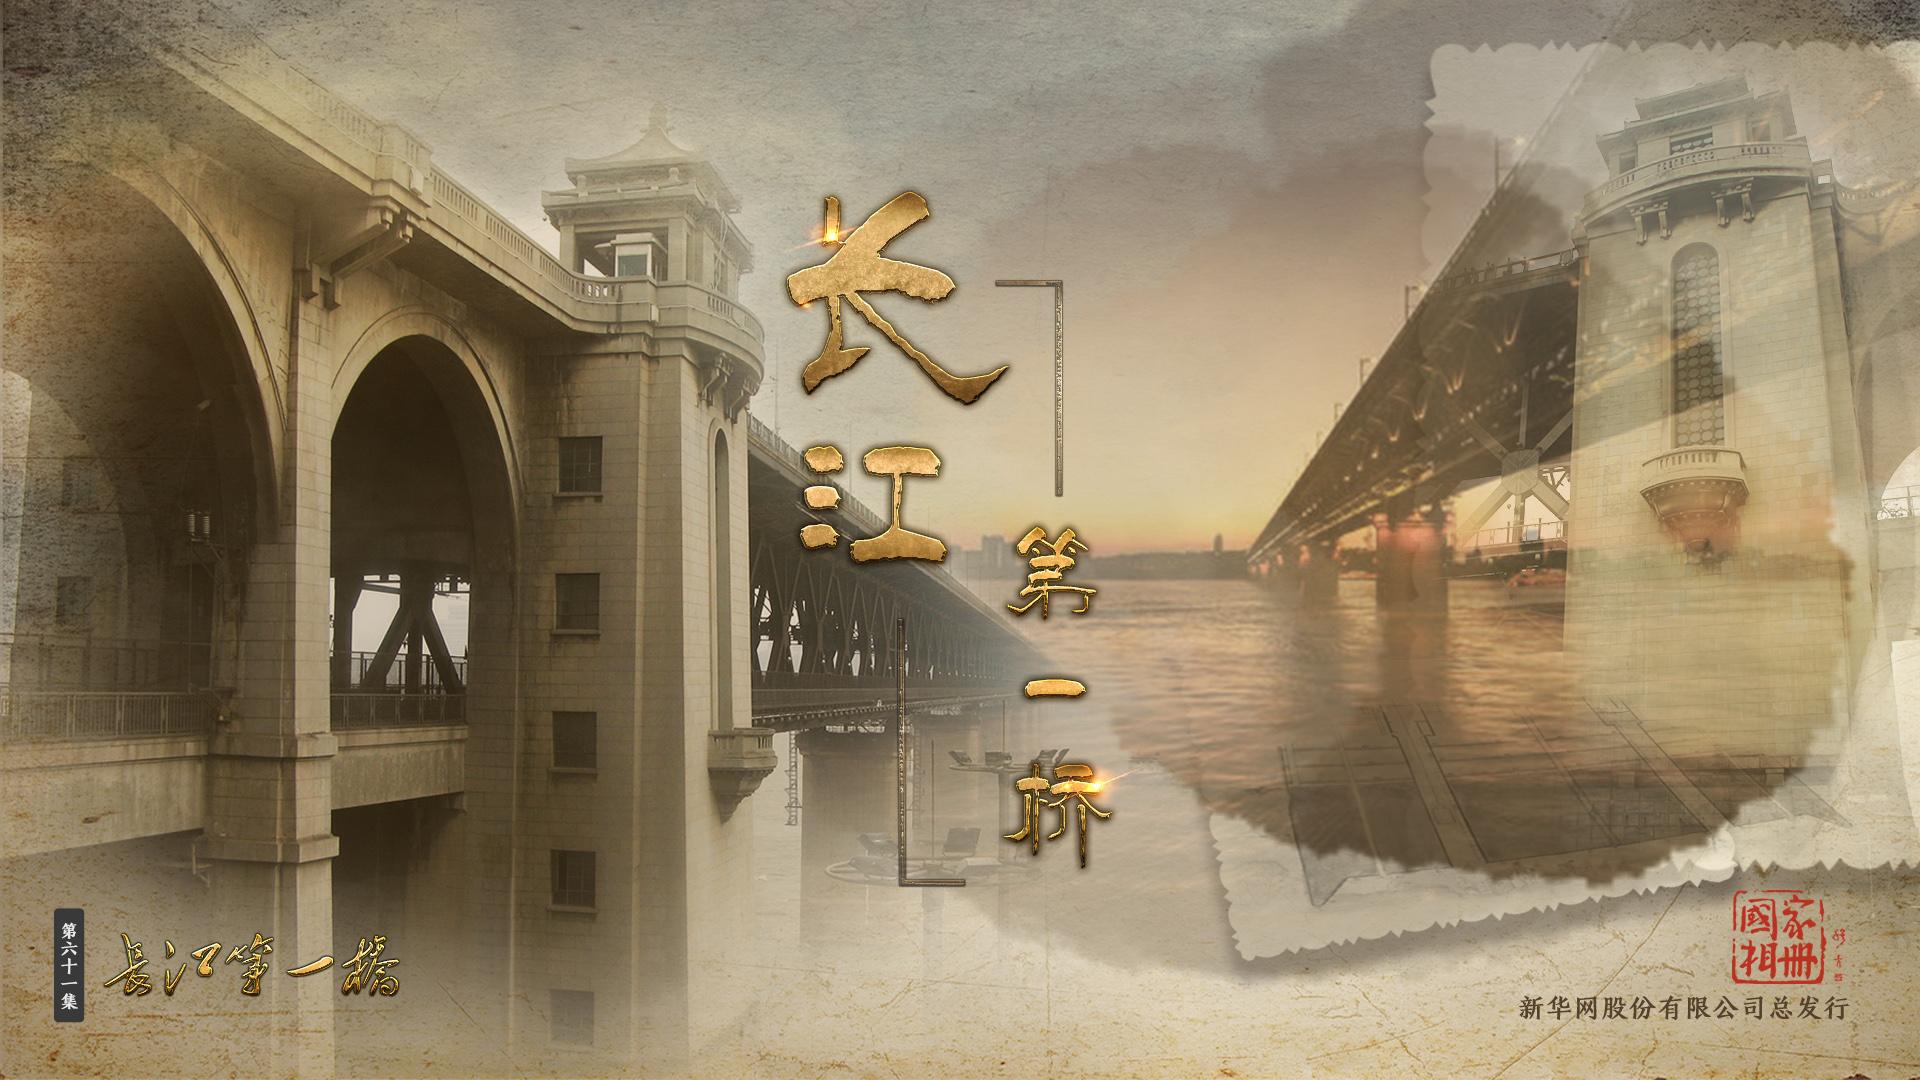 国家相册第六十一集《长江第一桥》